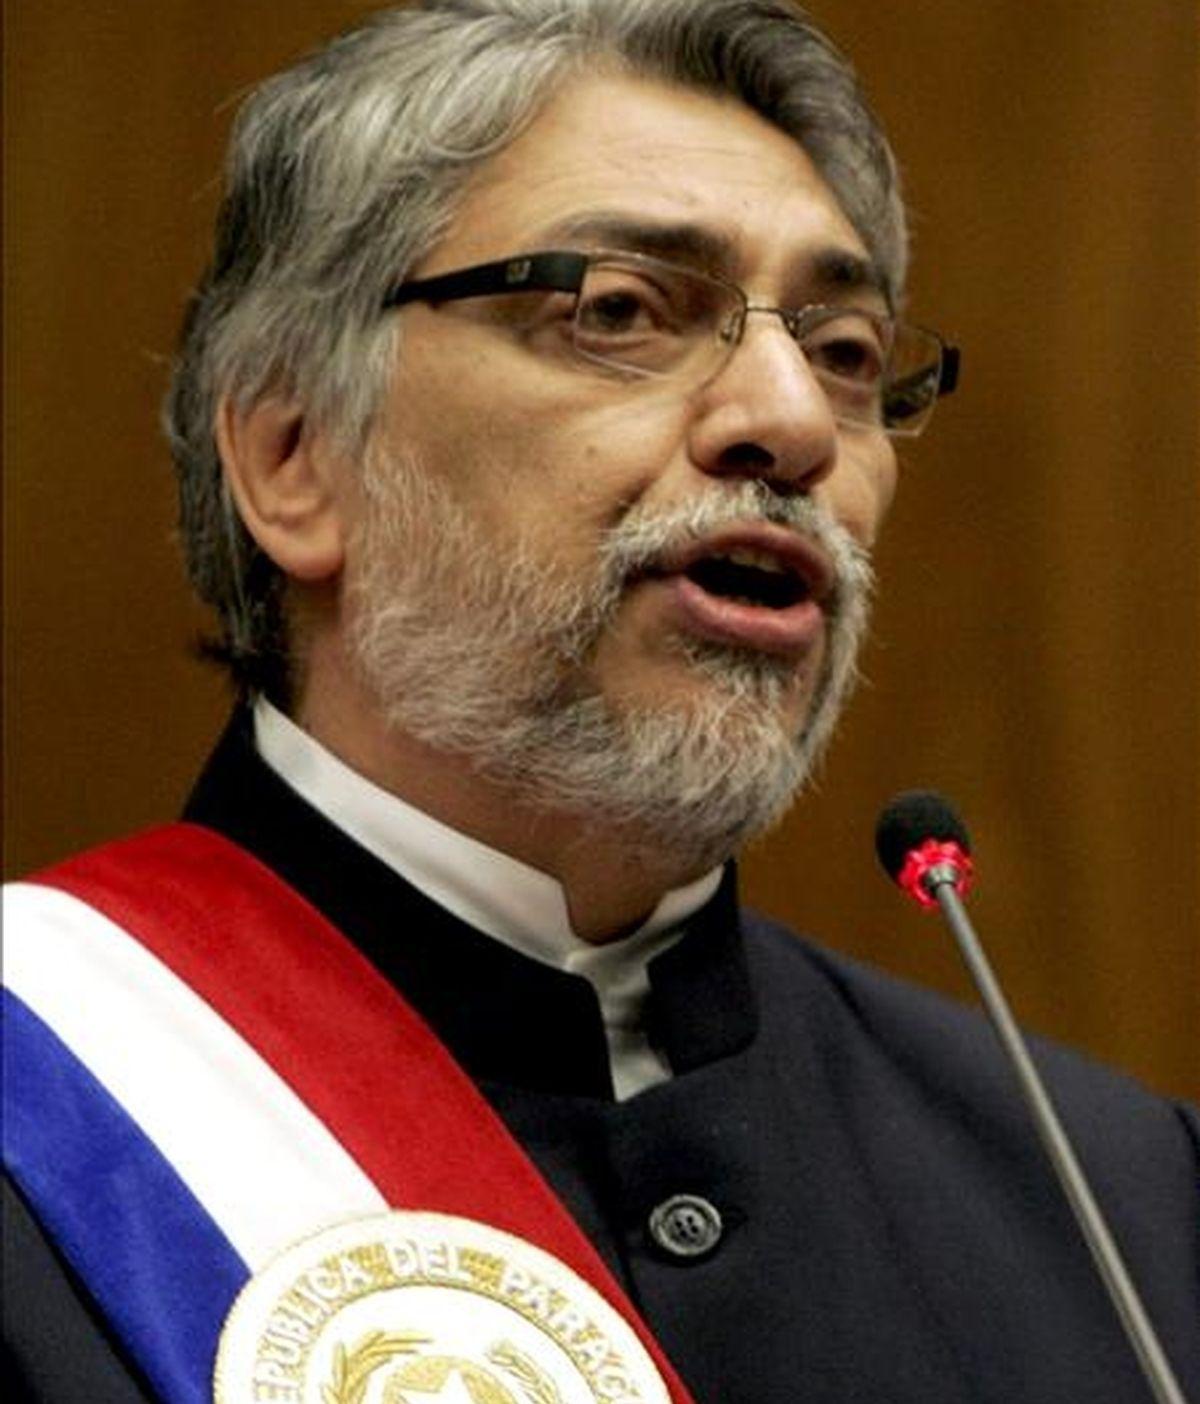 El presidente de Paraguay, Fernando Lugo habla en la sede del Congreso paraguayo en Asunción, en la que el mandatario presenta su primer informe de gestión al Congreso tras su llegada al Gobierno el pasado 15 de agosto de 2008. EFE